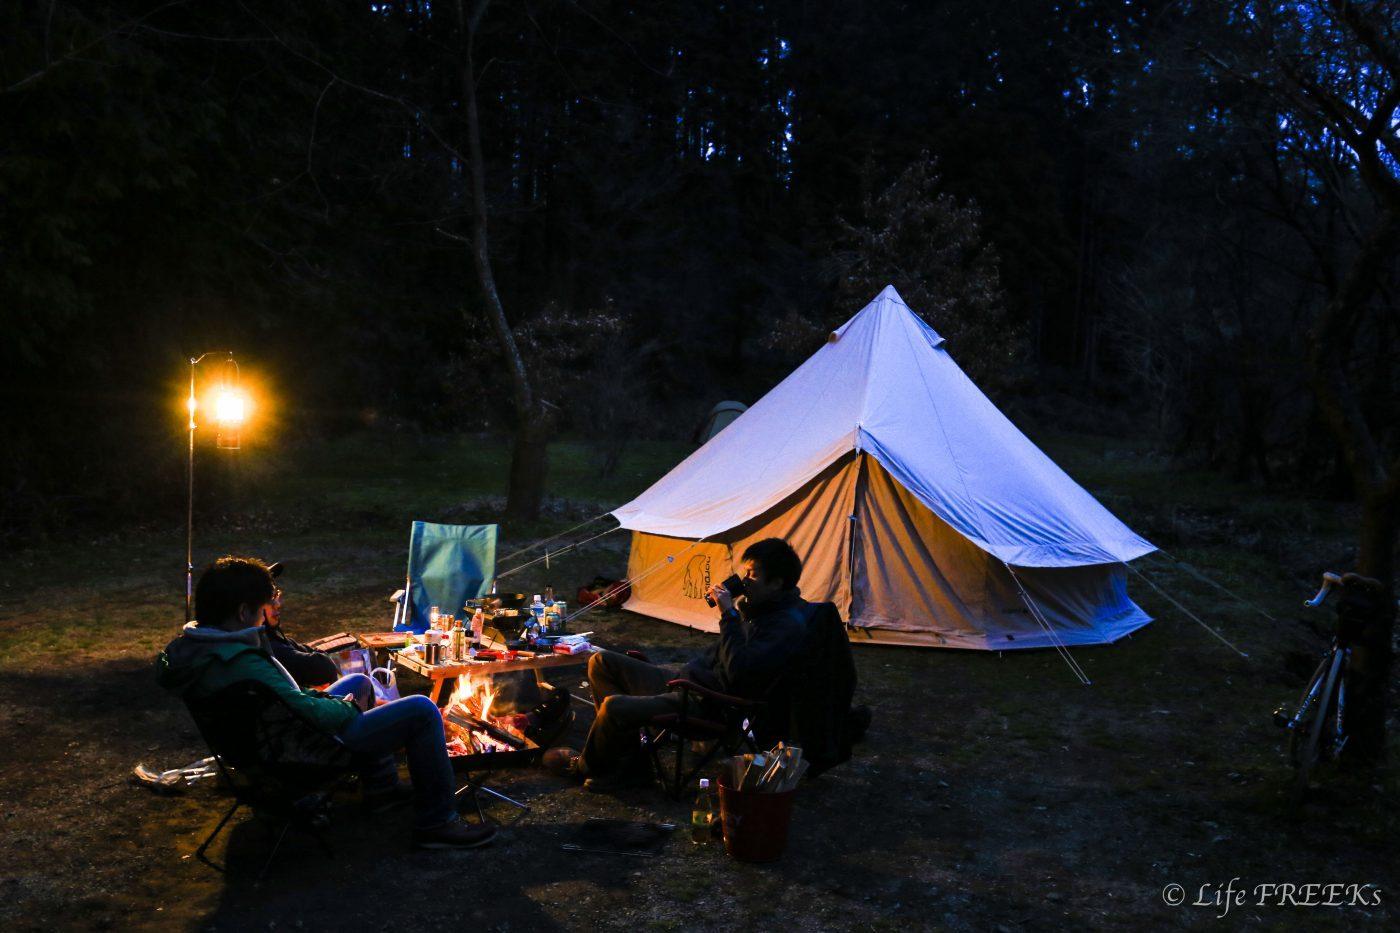 アスガルドだとワンランク上のキャンプの雰囲気にはなる